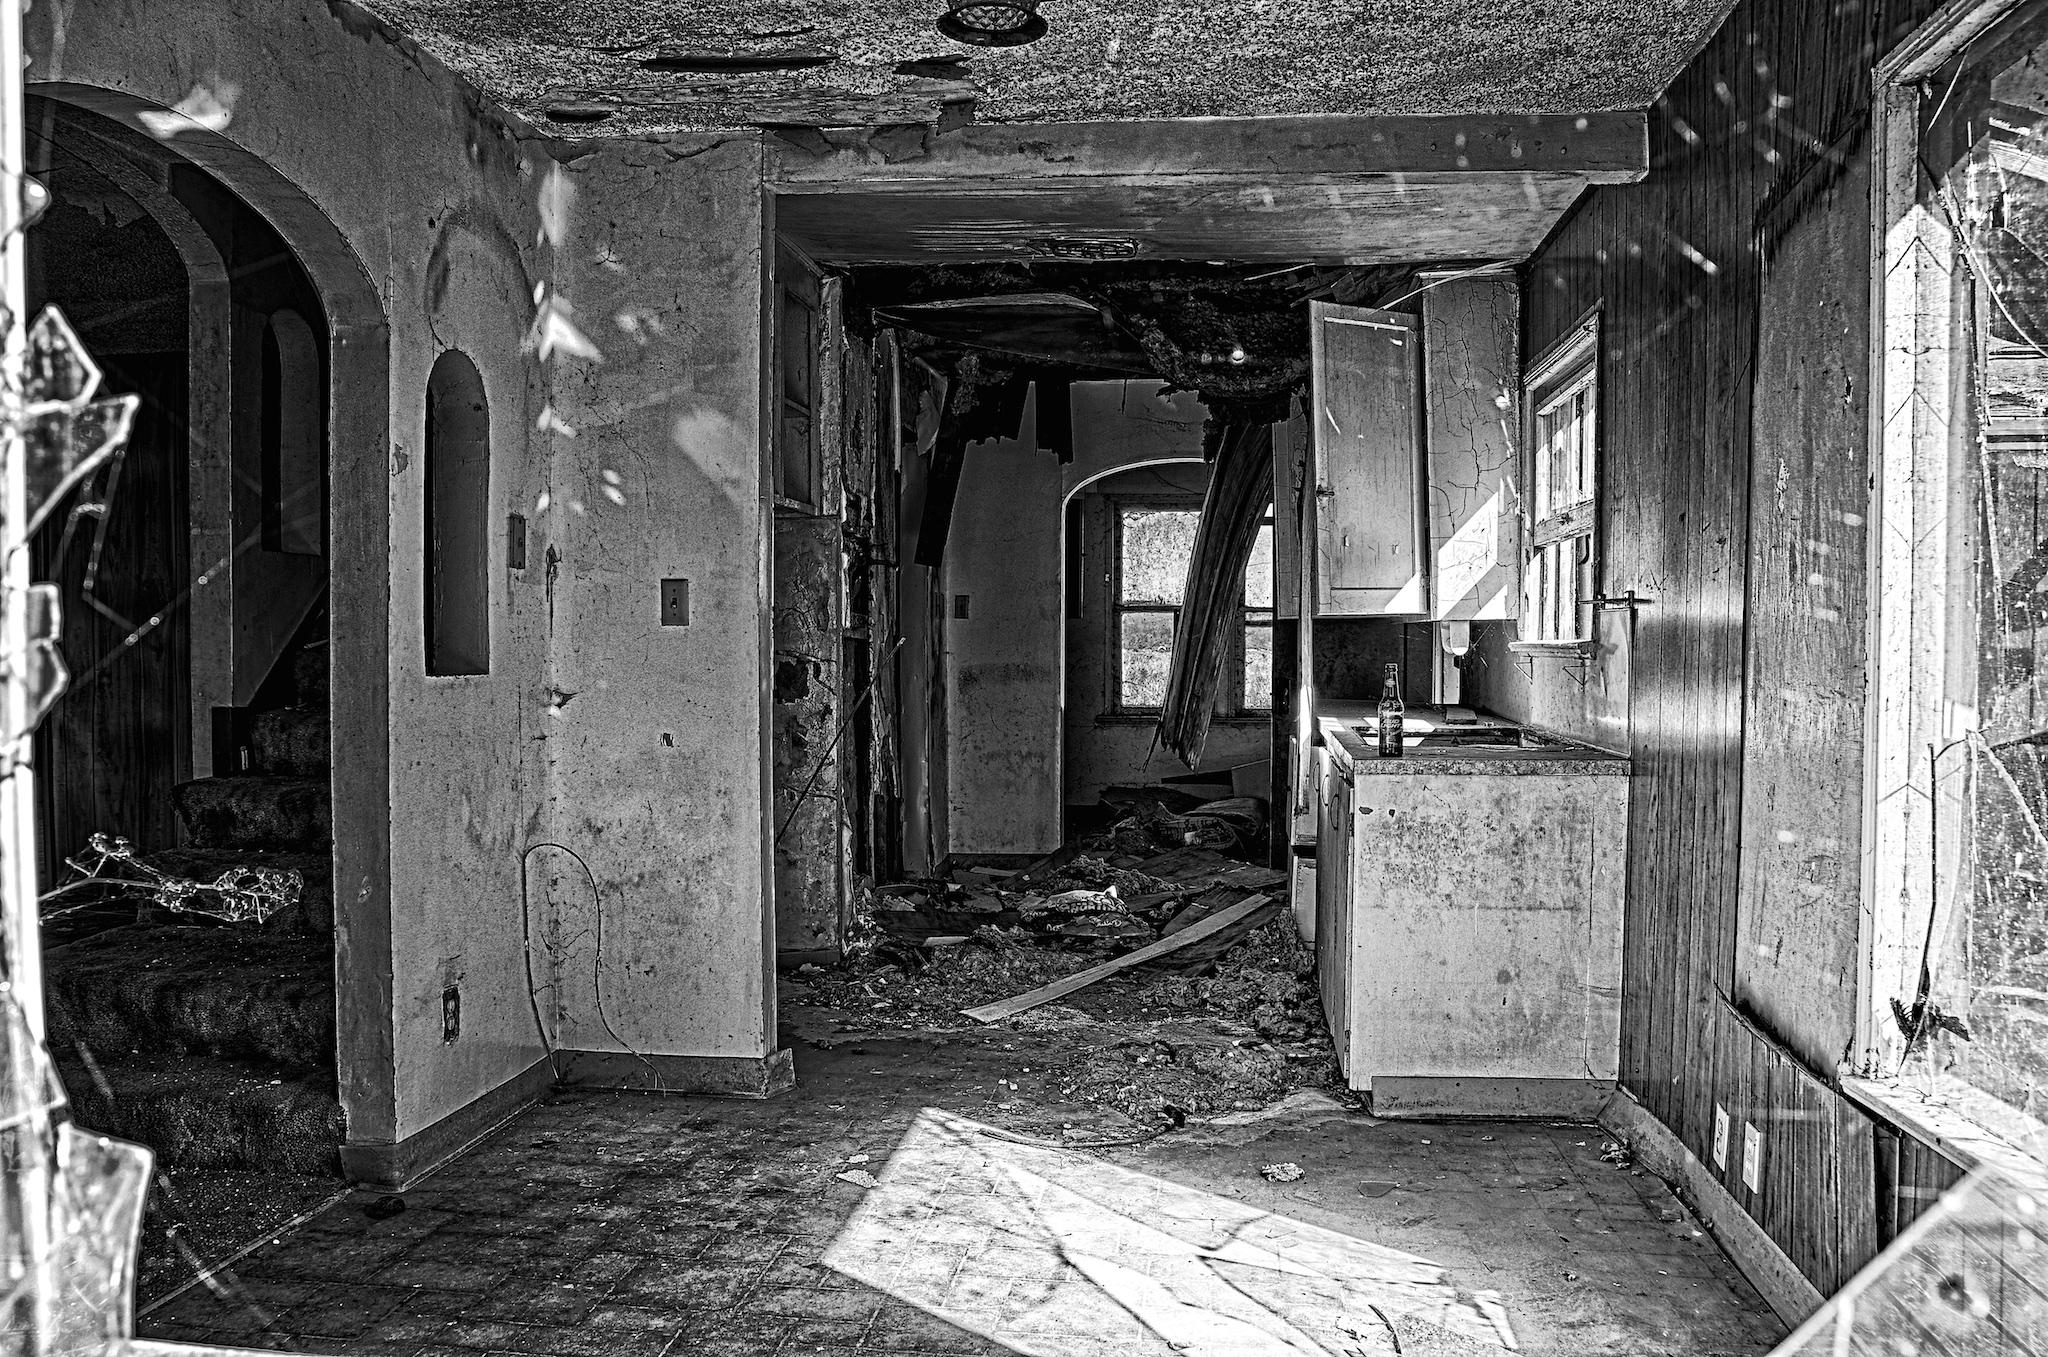 Svensen, Abandoned